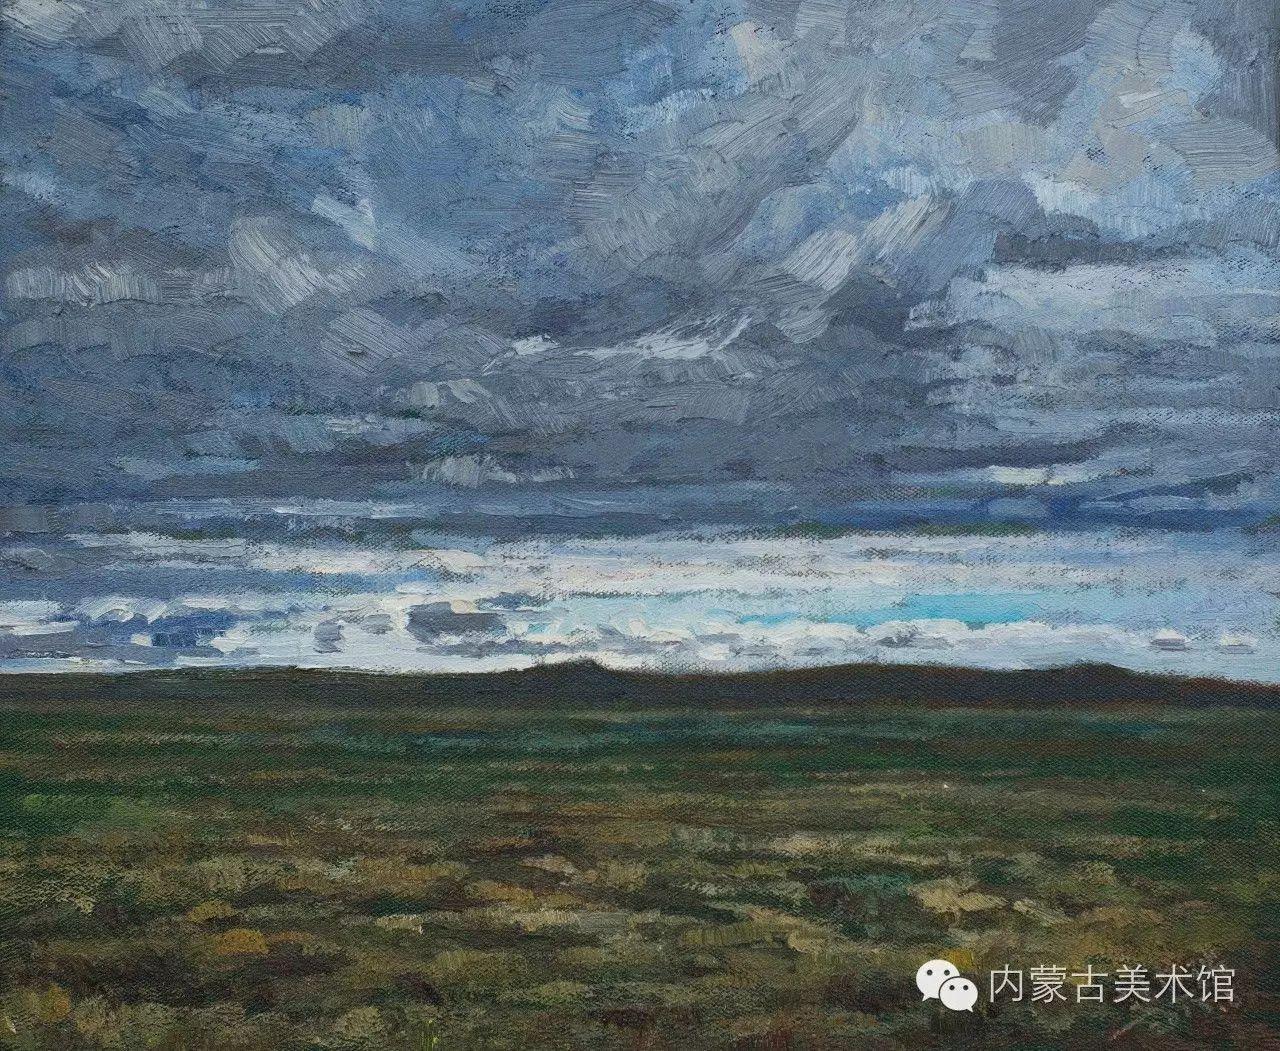 2016内蒙古草原油画院第二届写生油画展 第15张 2016内蒙古草原油画院第二届写生油画展 蒙古画廊